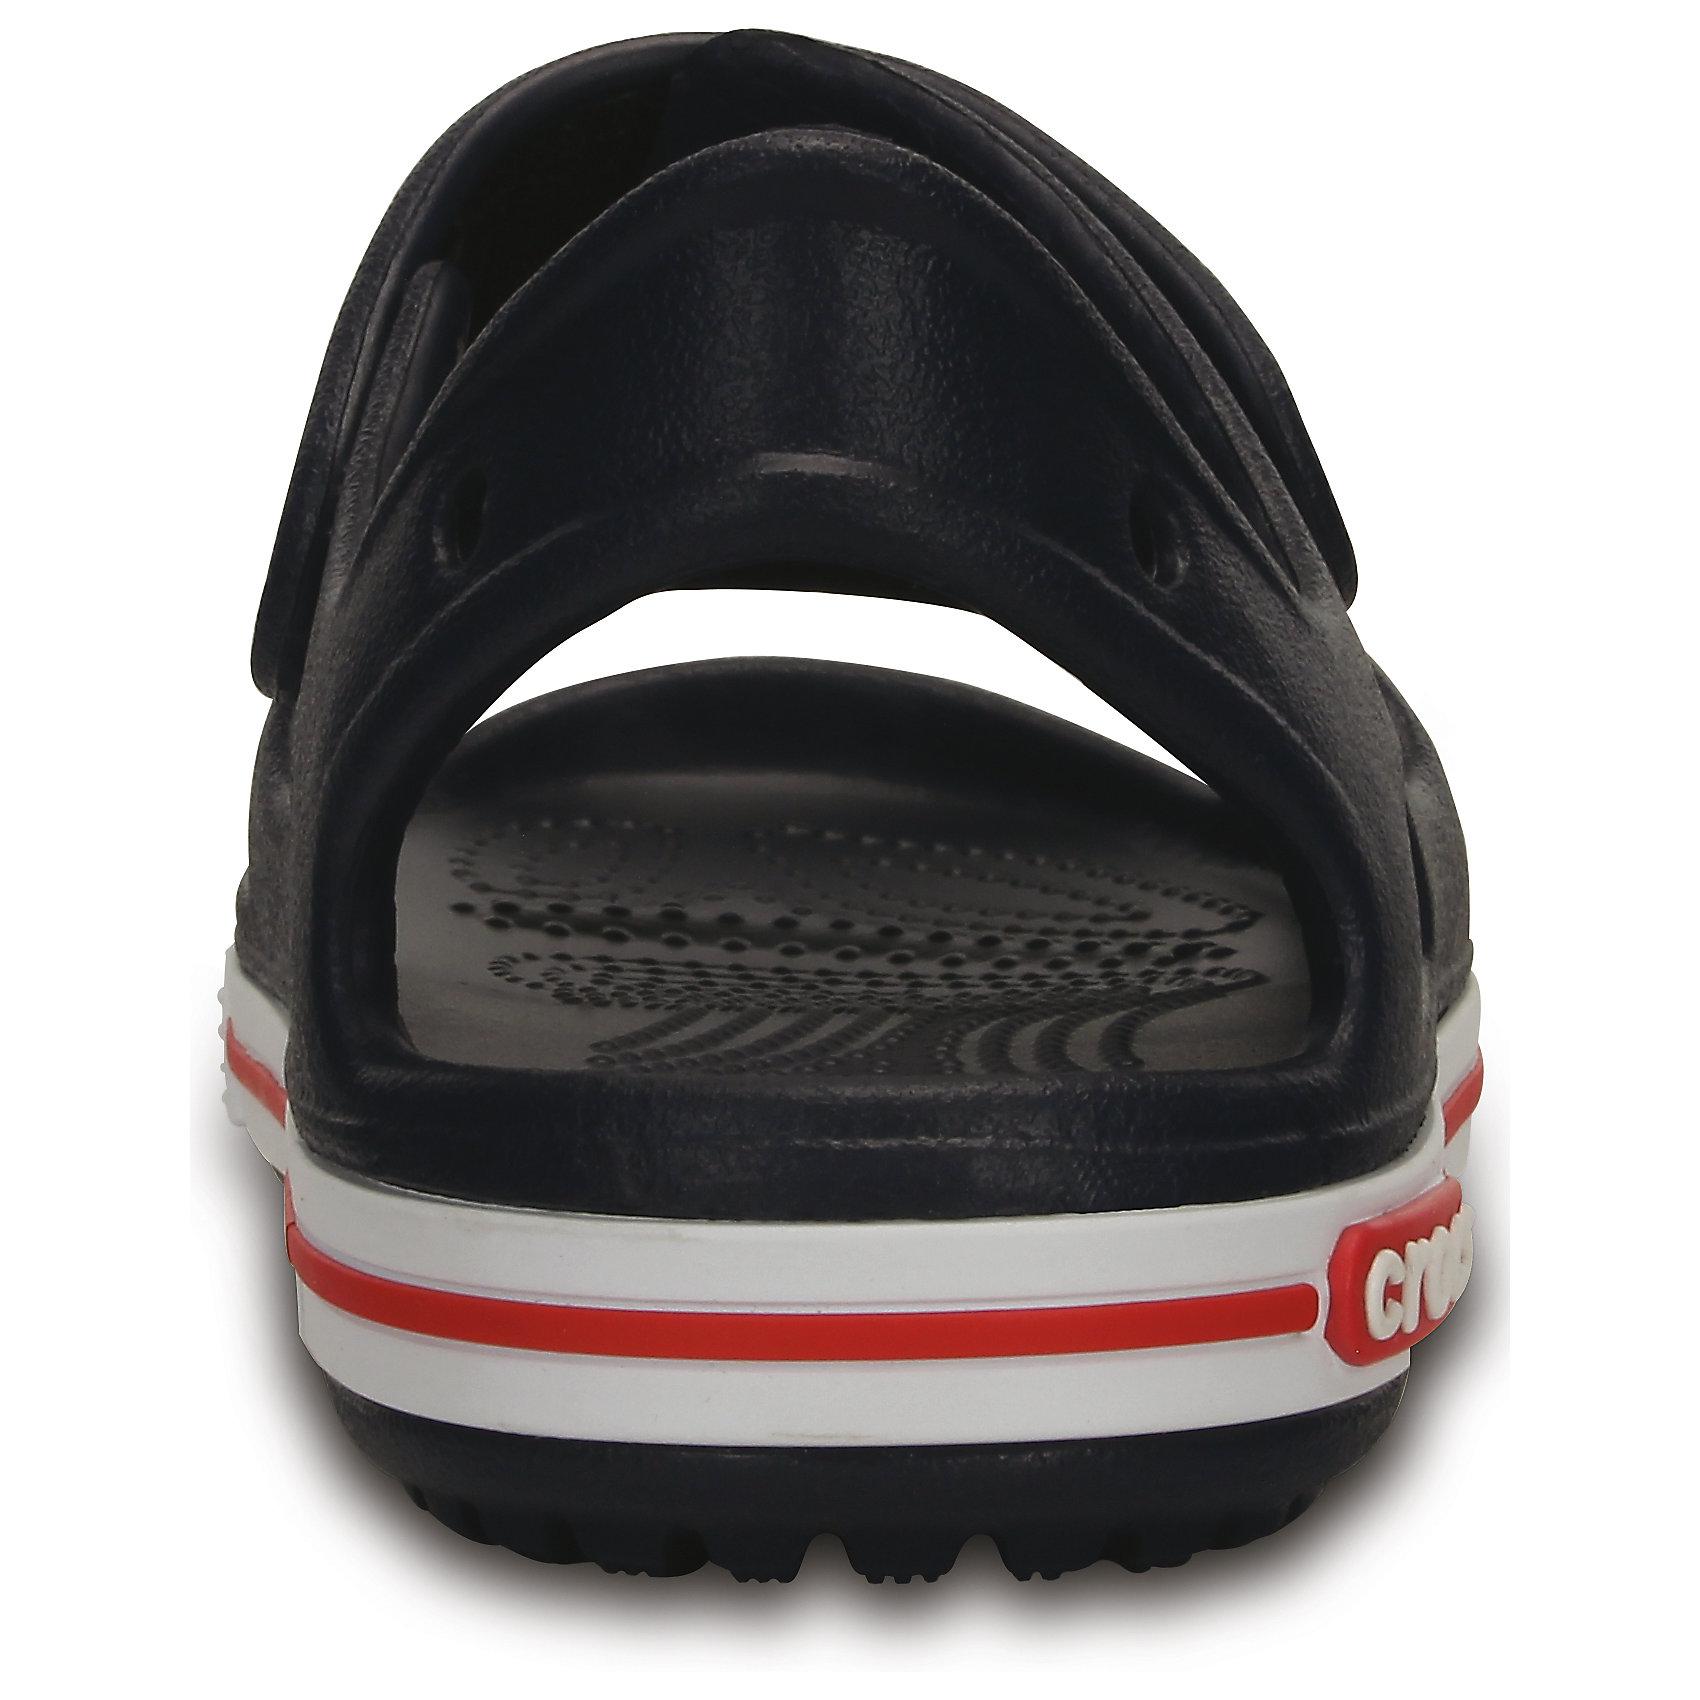 Сандалии Crocband II Sandal PS для мальчика Crocs, черный от myToys